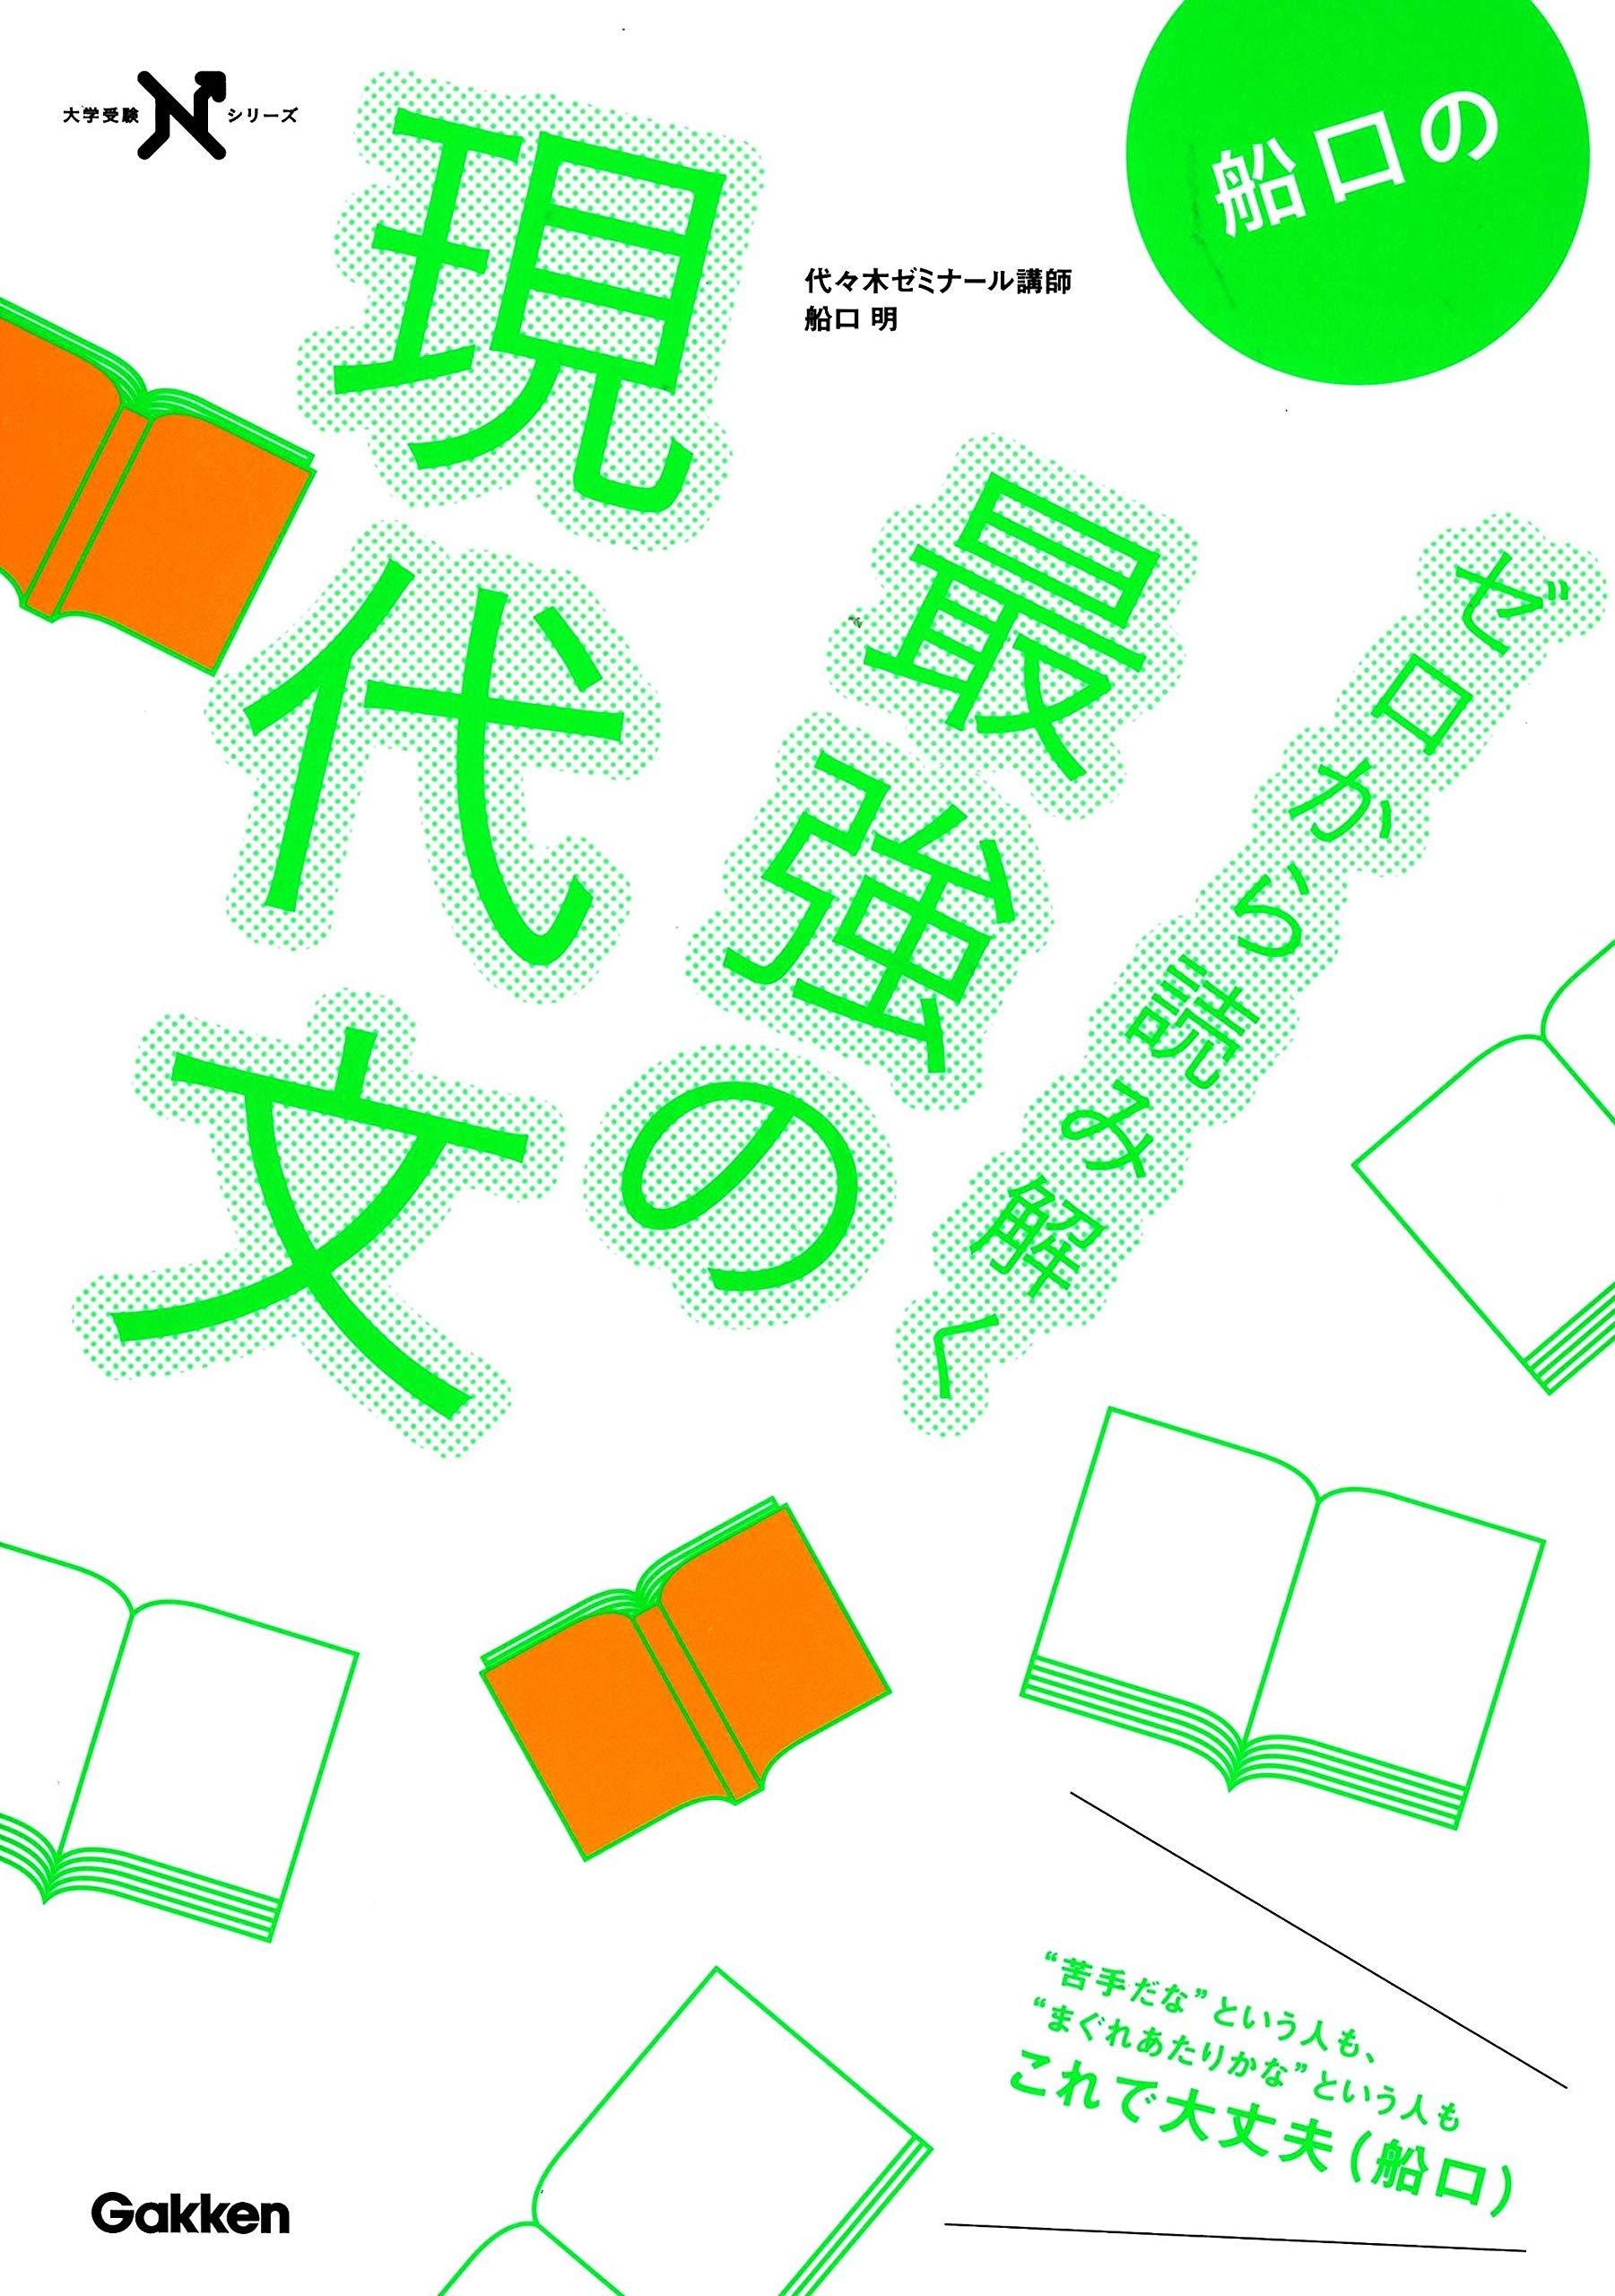 現代文のおすすめ参考書・問題集『船口のゼロから読み解く最強の現代文』